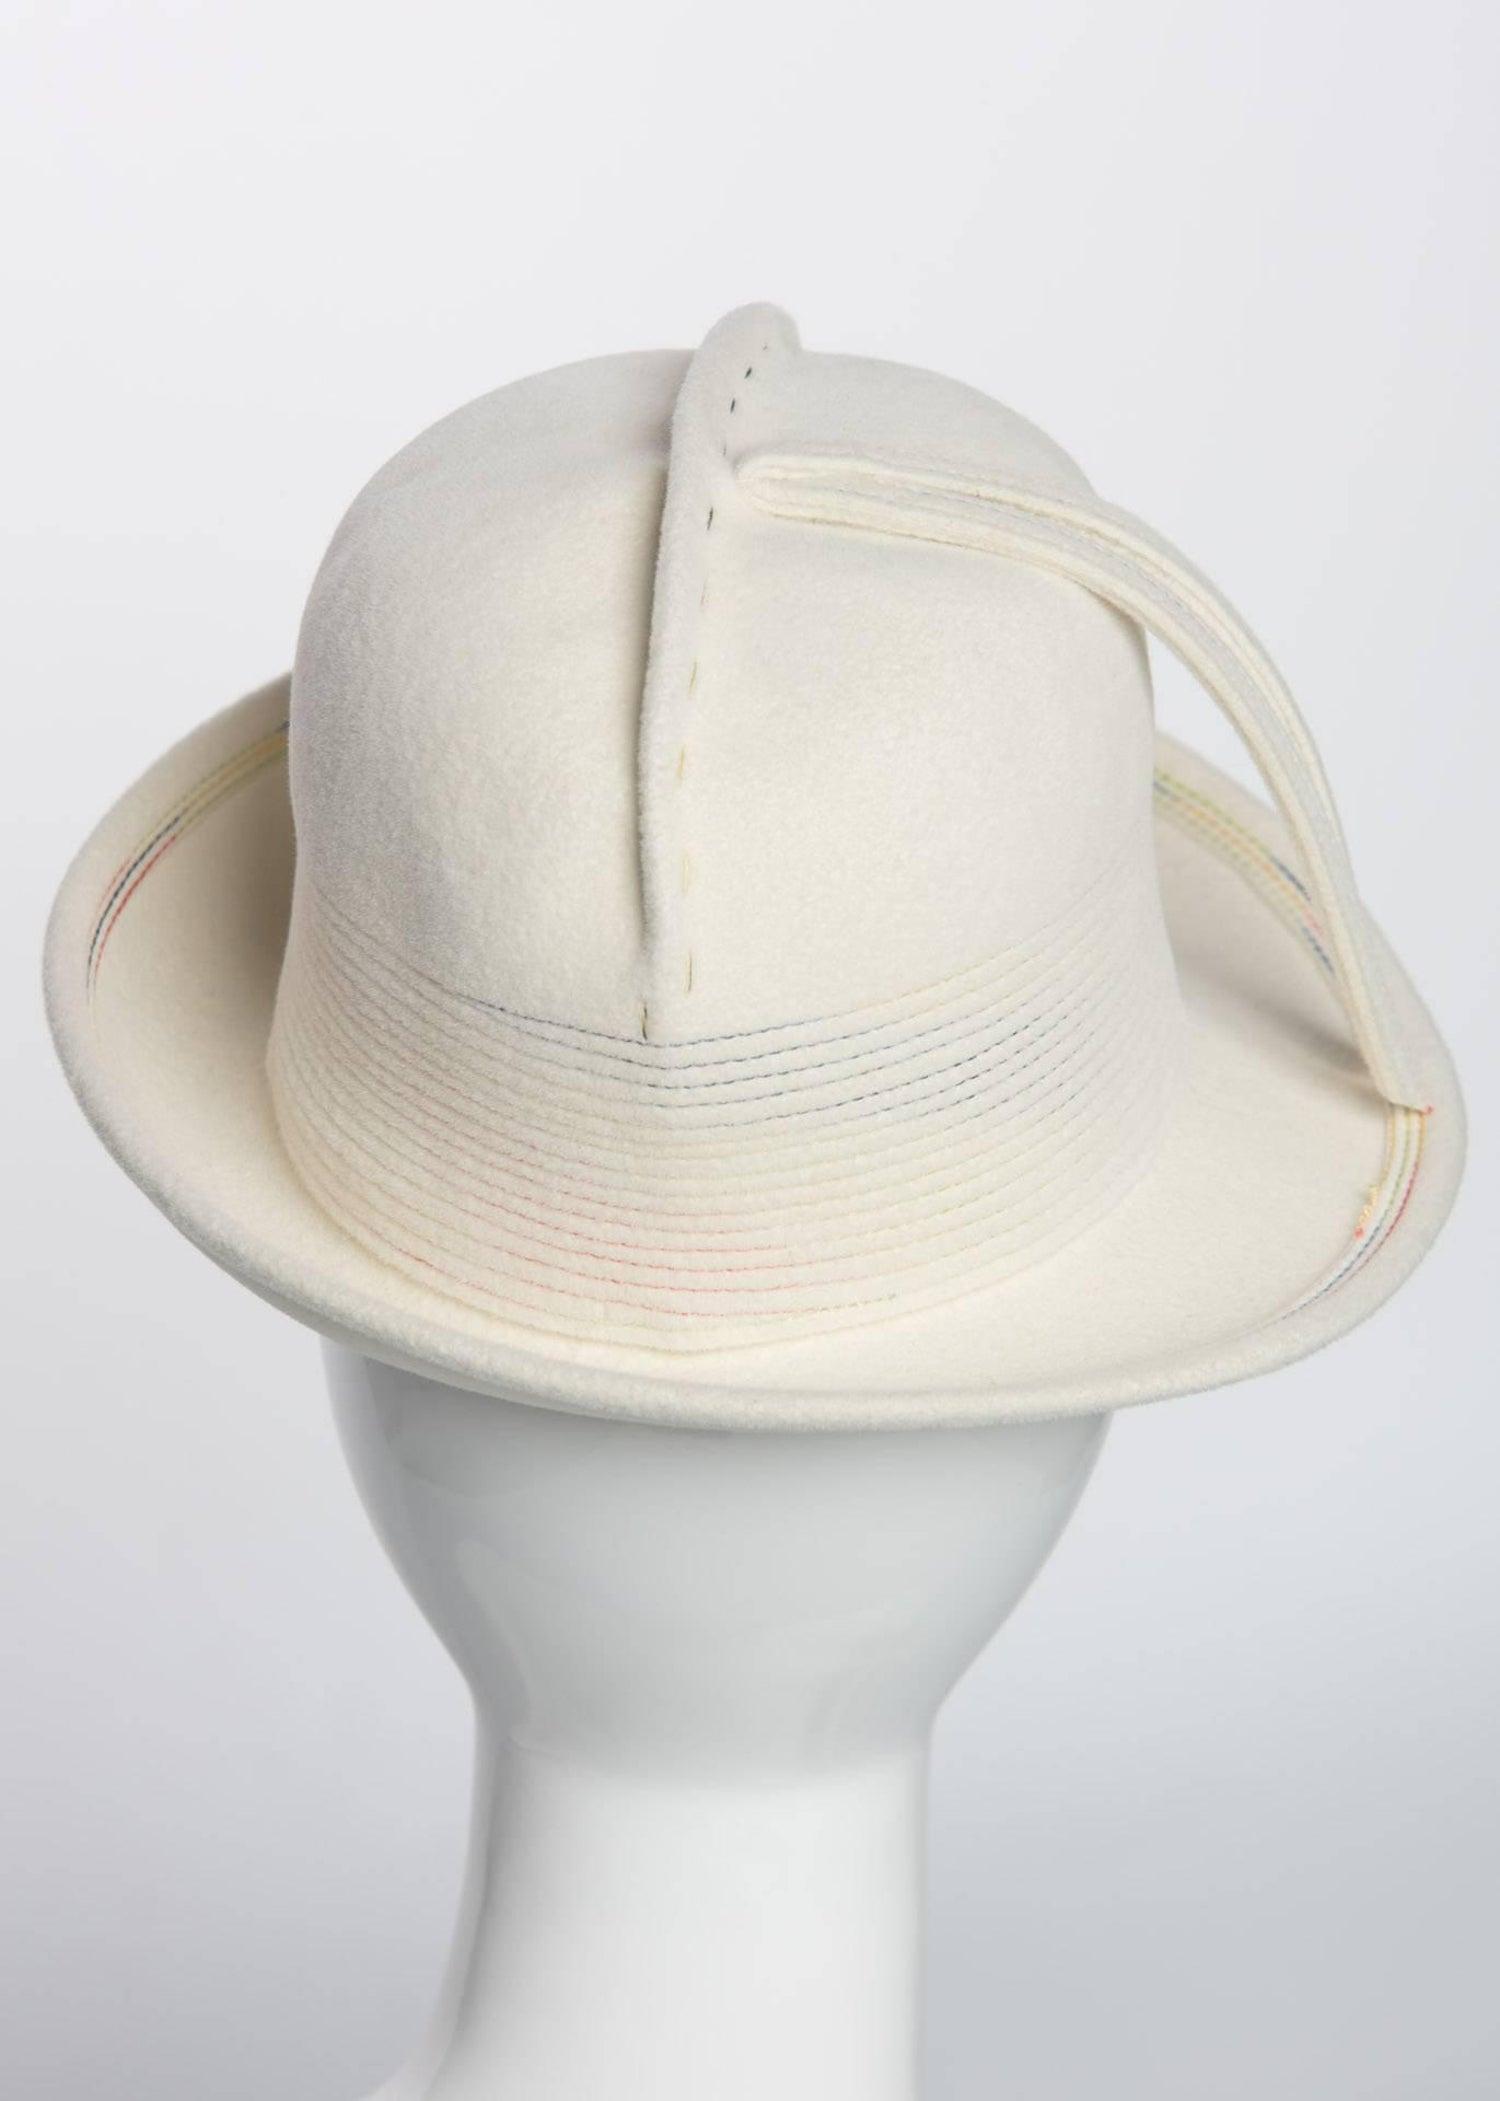 7575e0c3 1960s Yves Saint Laurent YSL Sculpted Ivory Felt Fedora Hat For Sale at  1stdibs